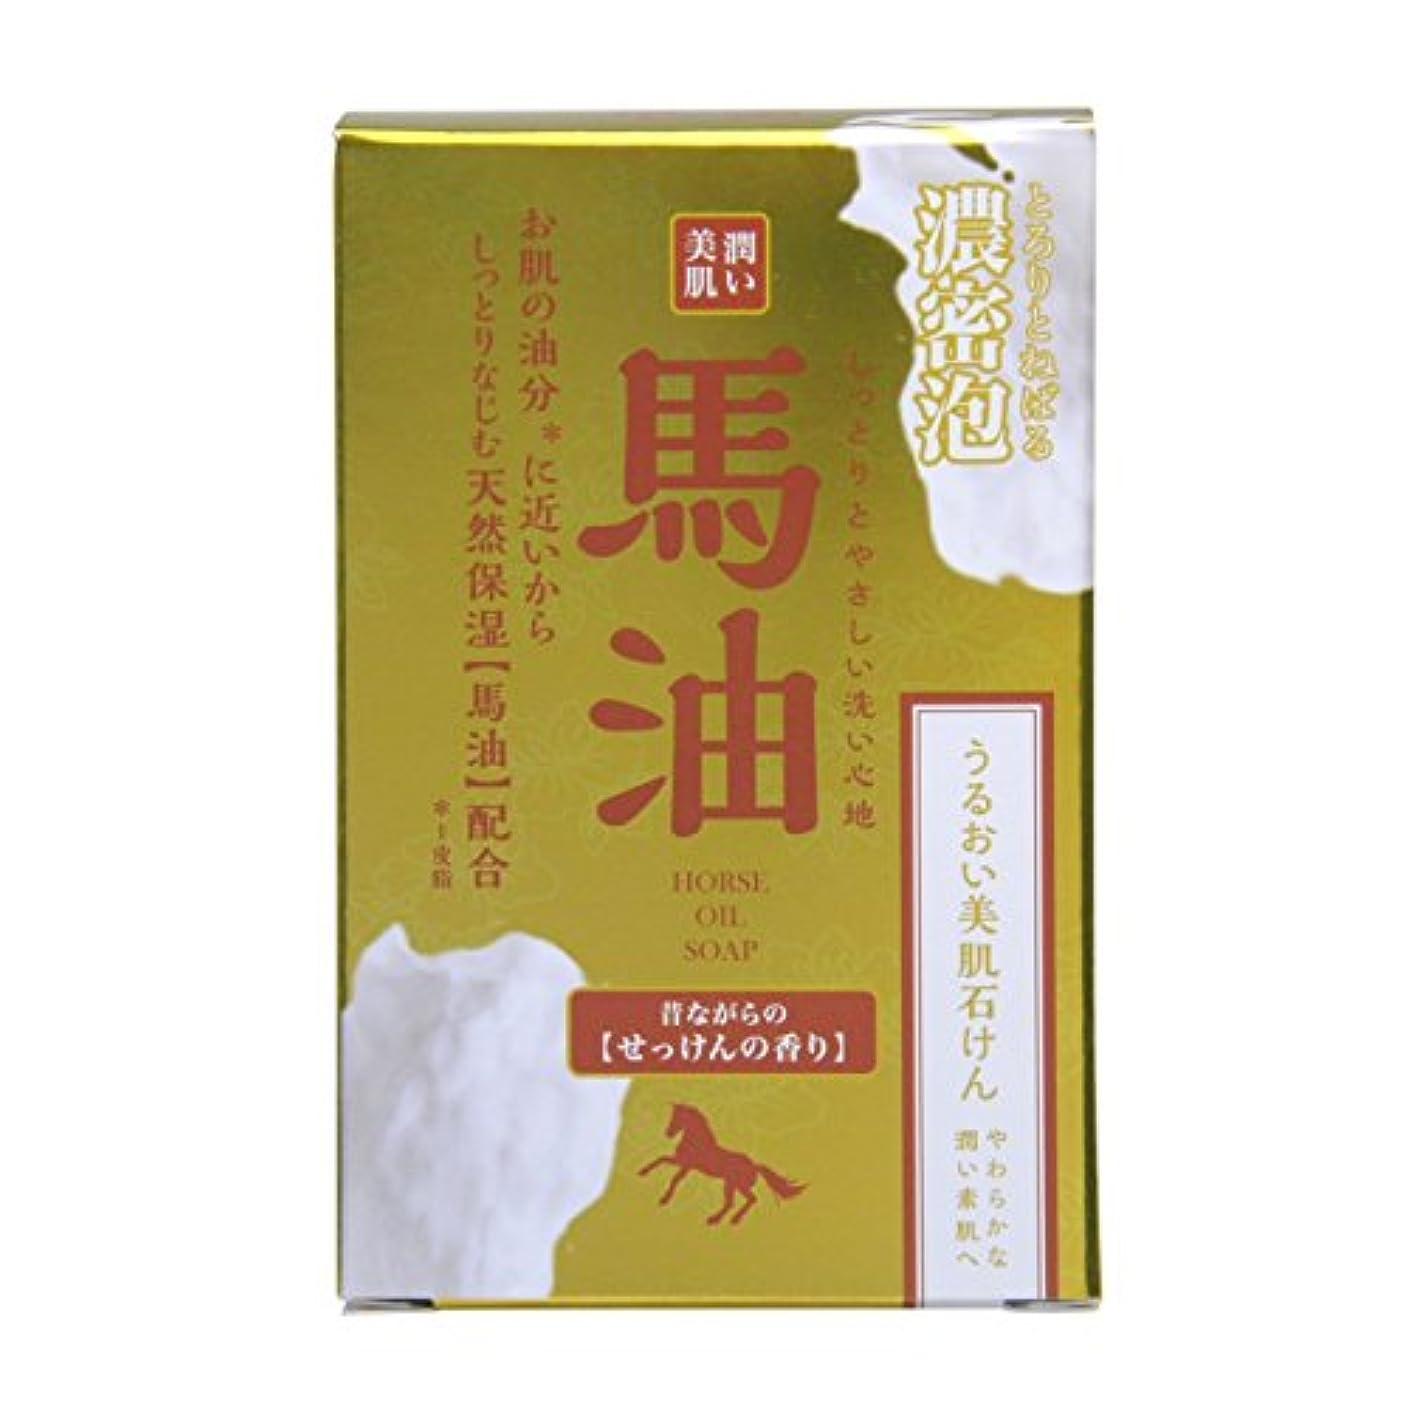 処方戻る限定潤い美肌 馬油石鹸 100g